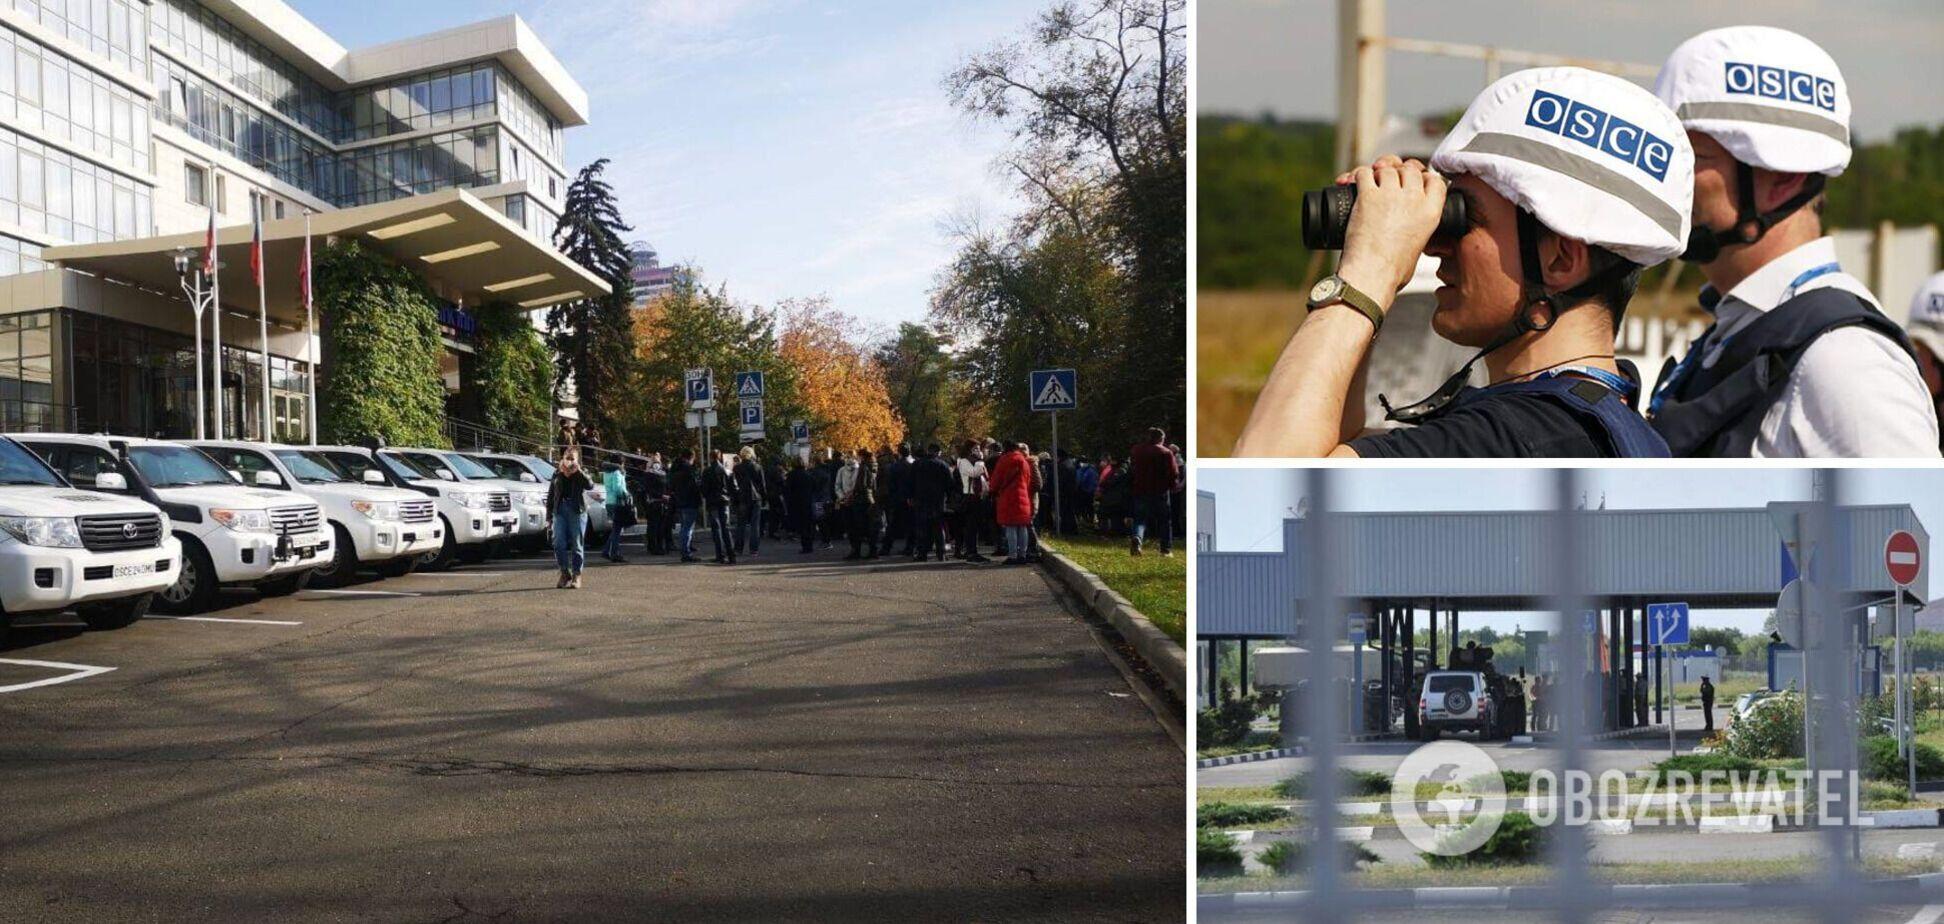 Окупанти на Донбасі розблокували роботу СММ ОБСЄ: вперше за чотири дні виїхала машина